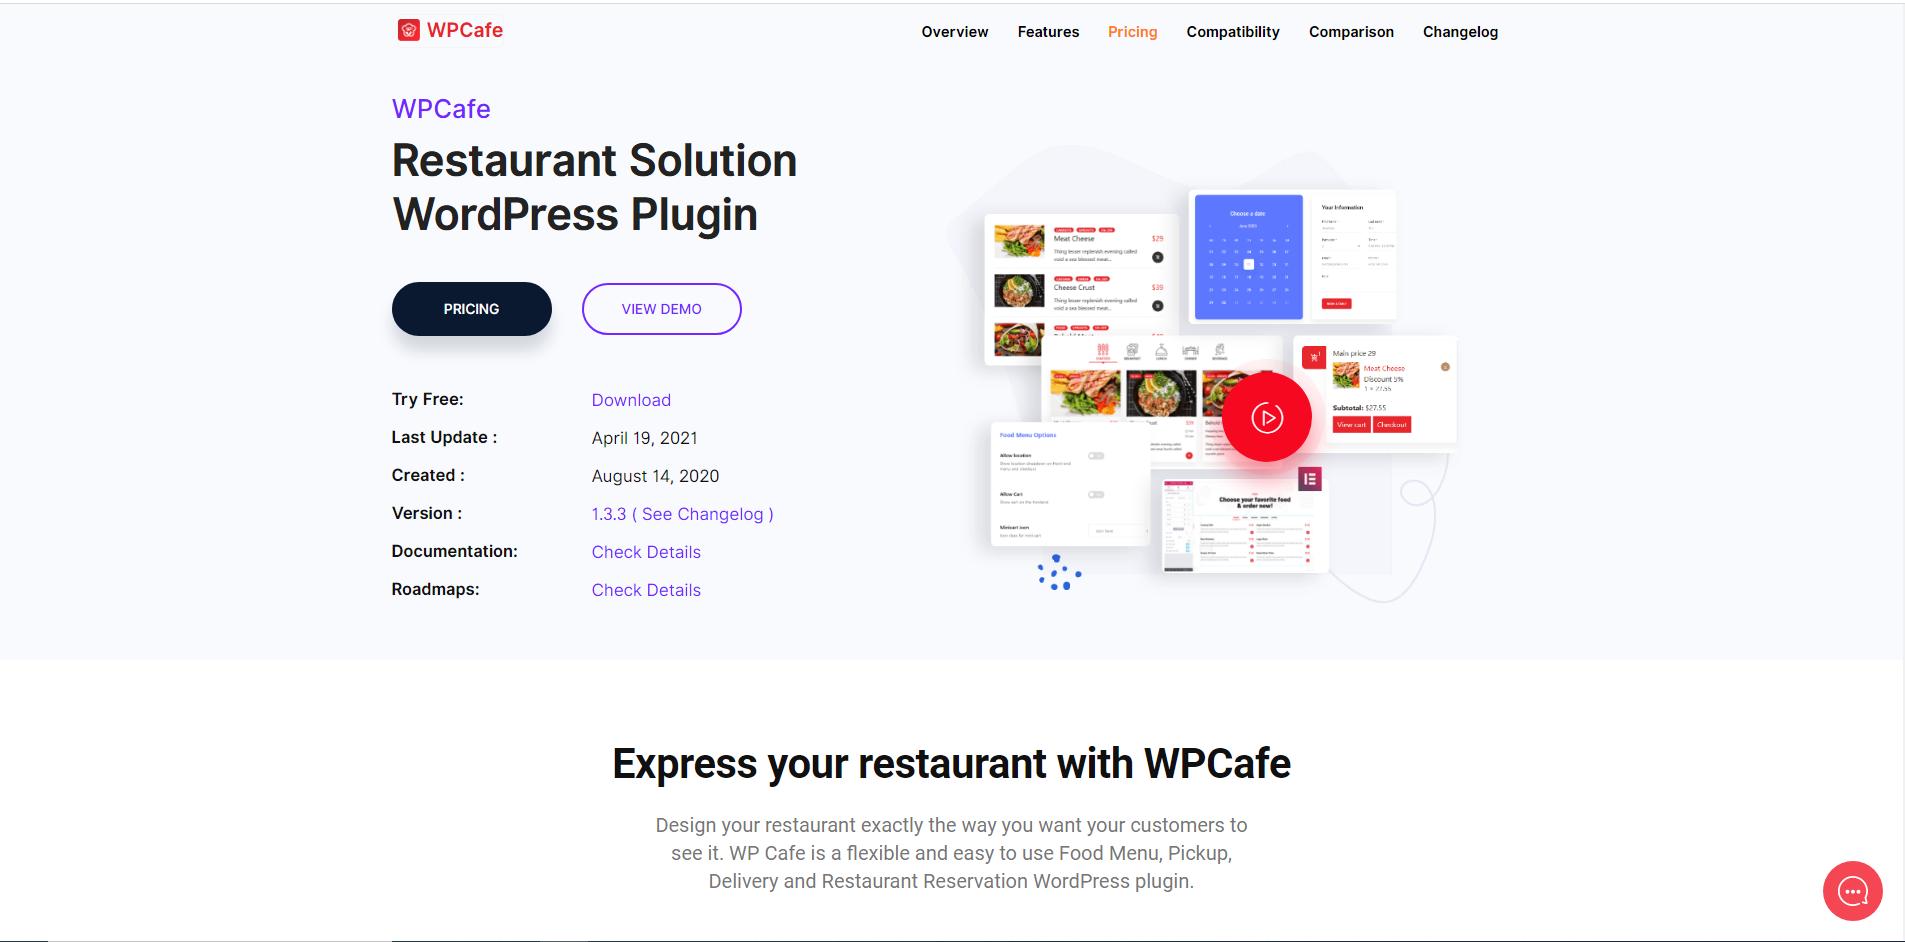 WP Cafe